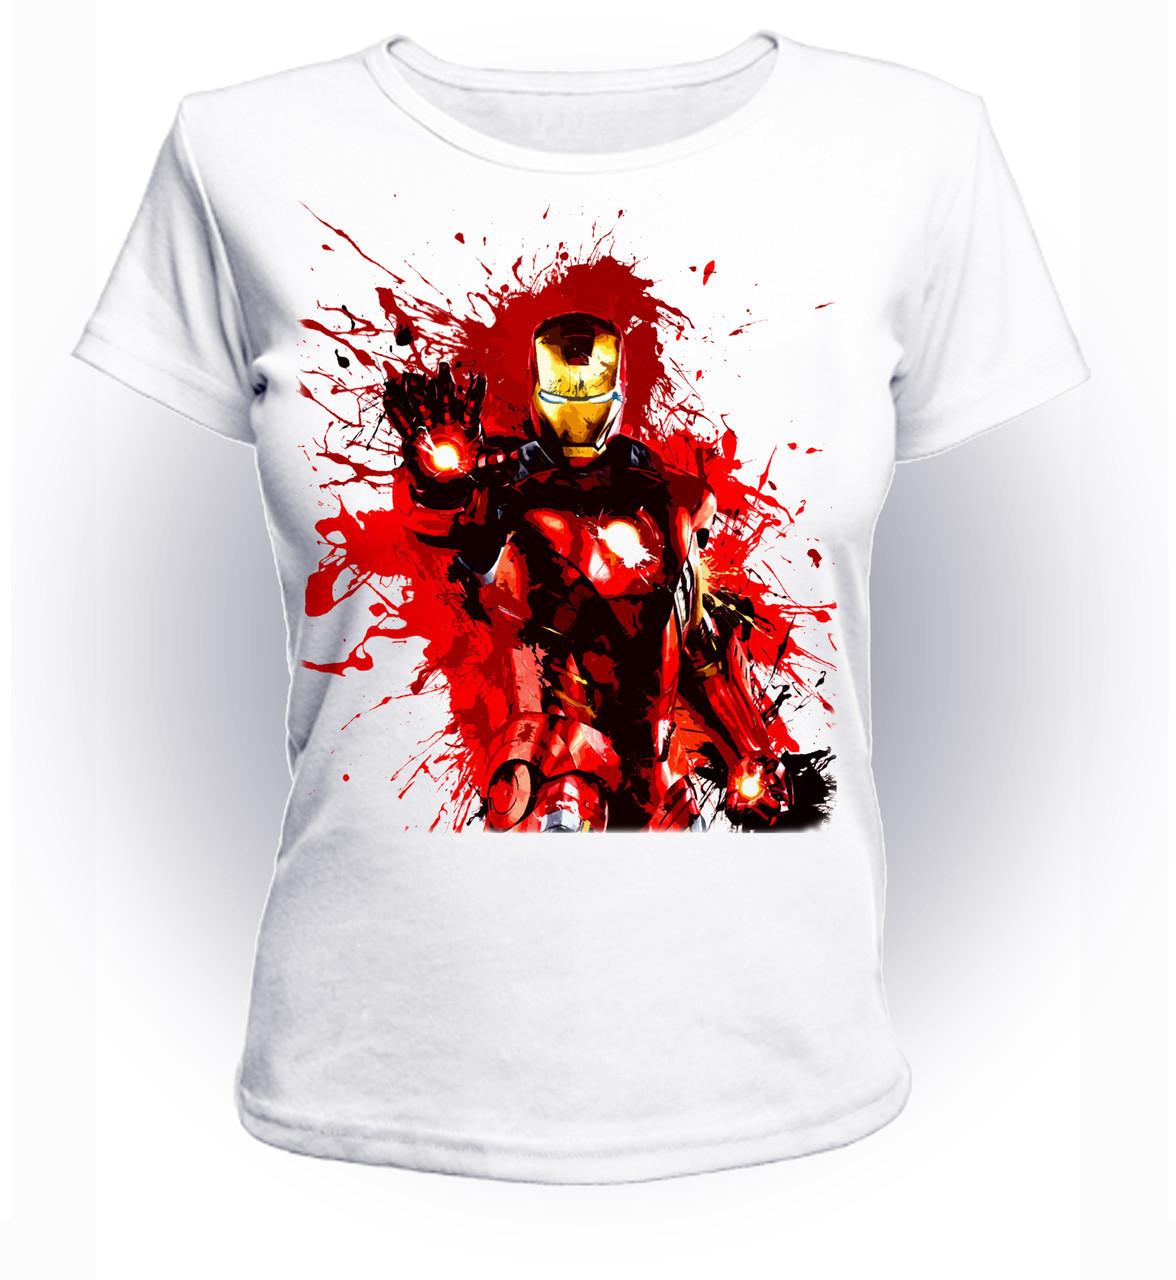 Футболка женская размер L GeekLand Железный Человек Iron Man клякса Art IM.01.015